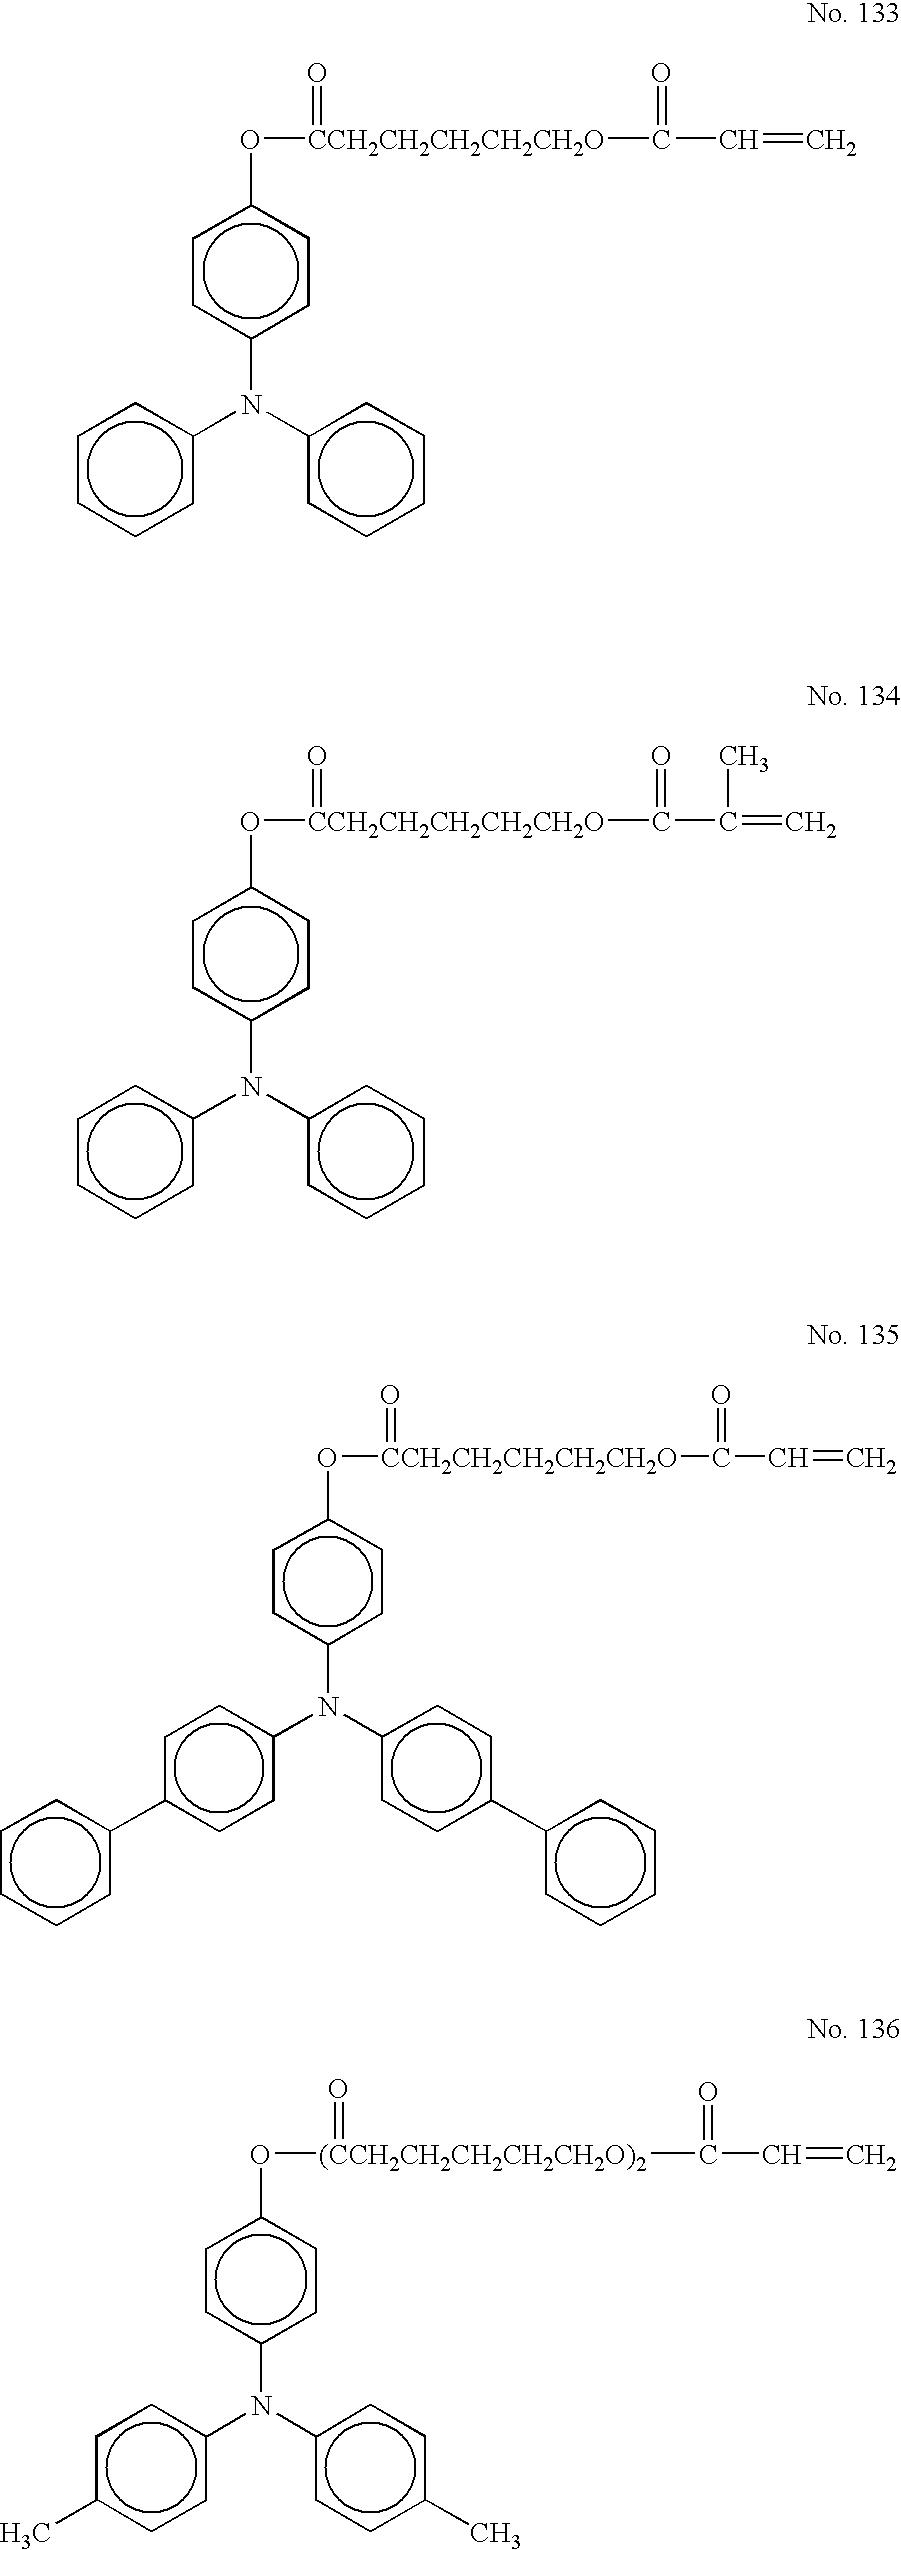 Figure US20040253527A1-20041216-C00059